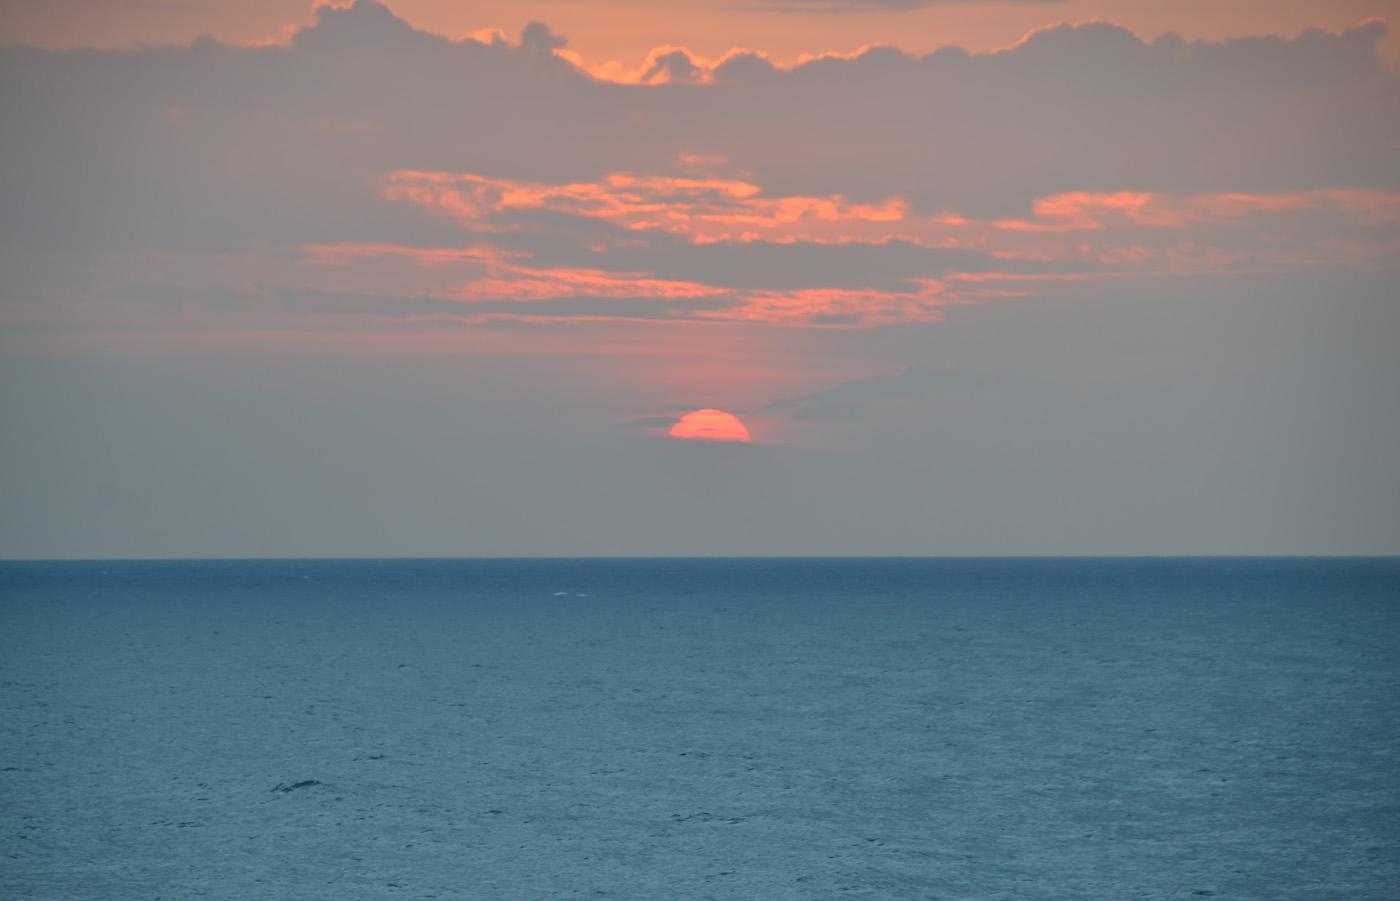 Фото 16. Закаты на пляже Унаватуна (Unawatuna Beach). Вечере после экскурсии в Форт Галле (Galle Fort). 1/60, 5.6, 400, 85.